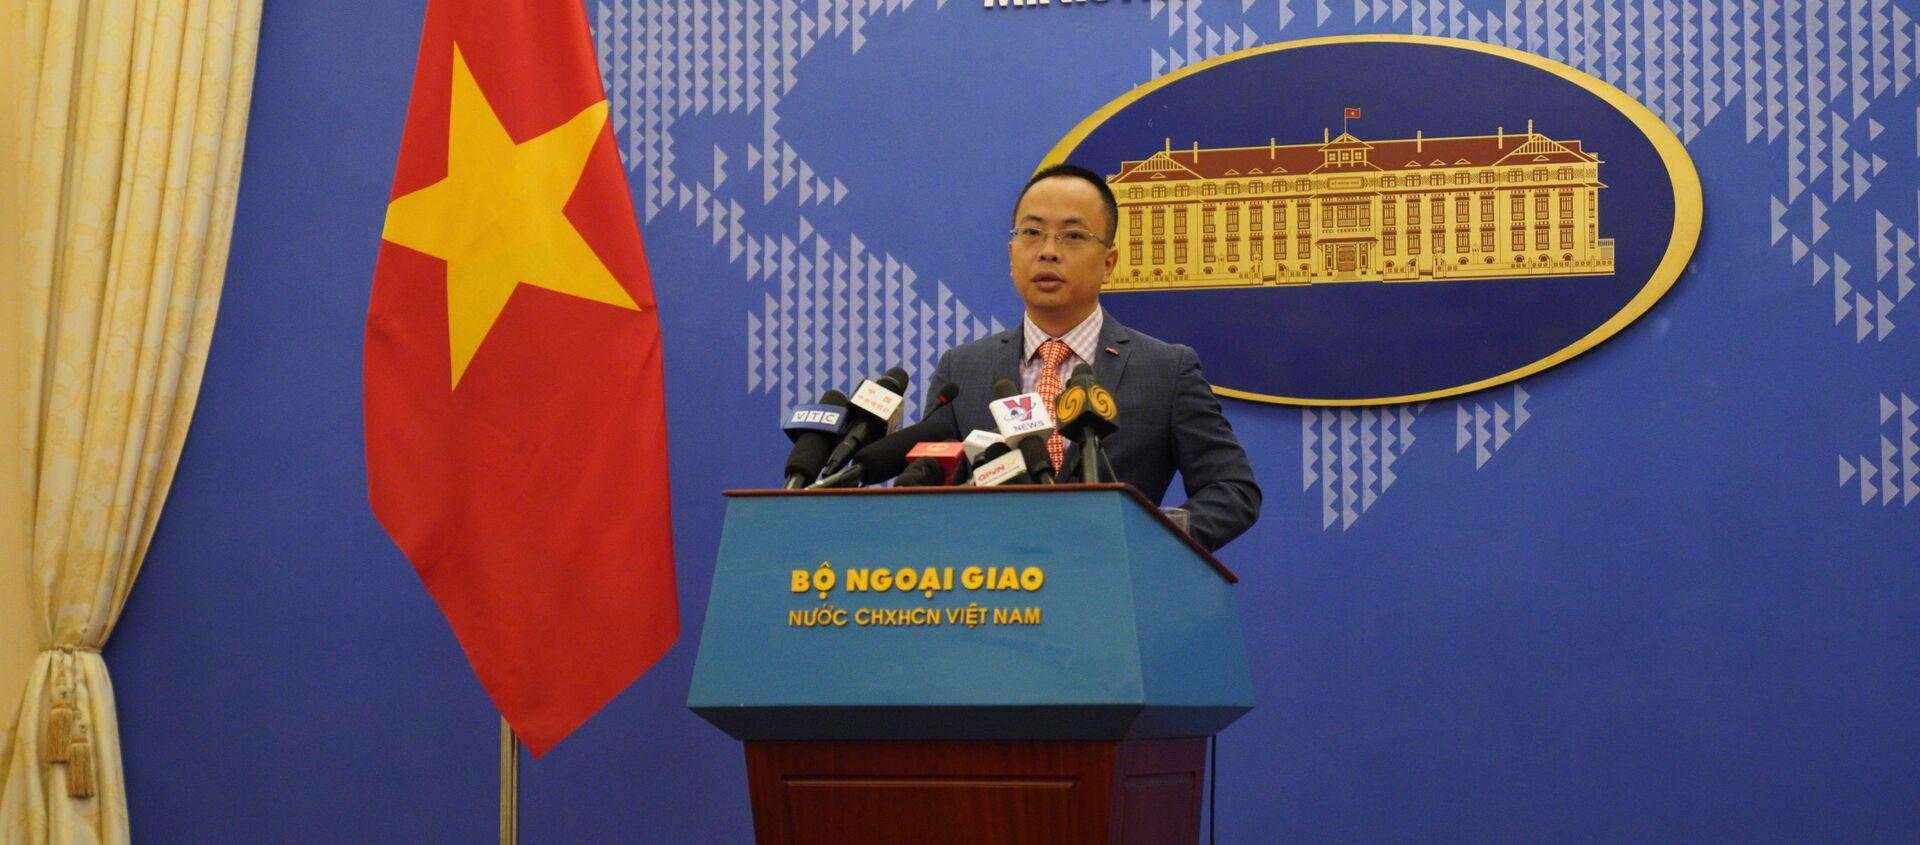 Phó phát ngôn viên Bộ Ngoại giao Việt Nam, ông Đoàn Khắc Việt tại họp báo thường kỳ ngày 29/04 - Sputnik Việt Nam, 1920, 29.04.2021